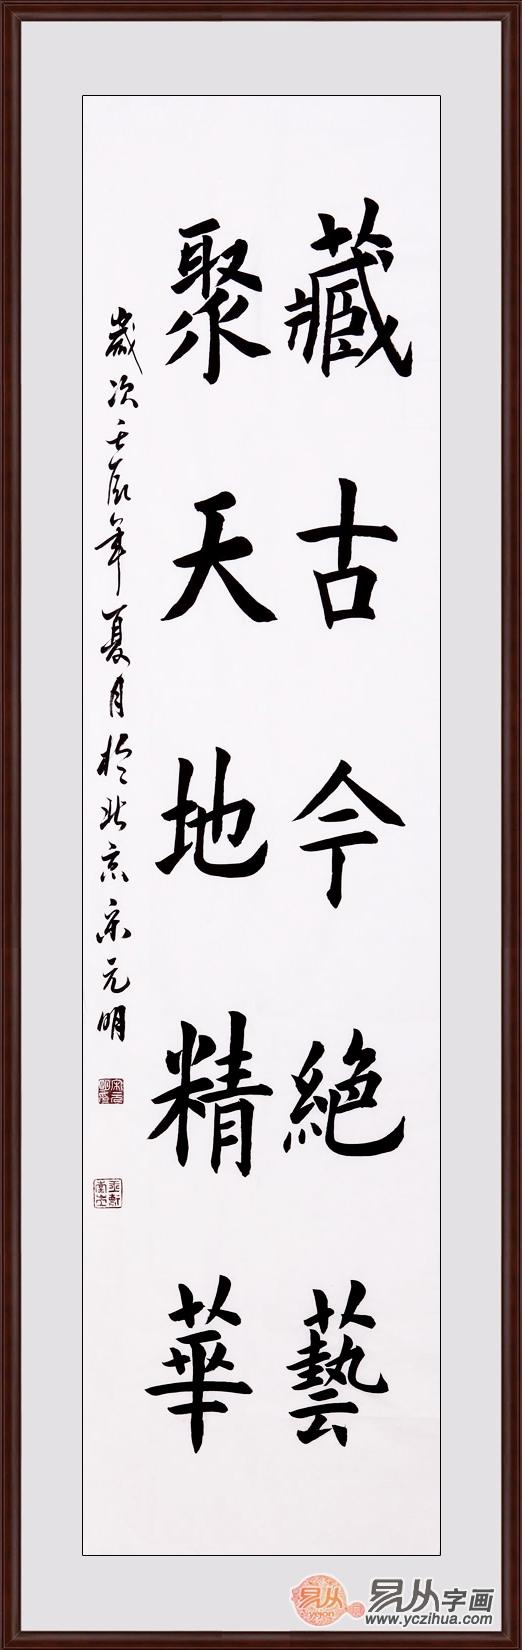 宋元明四尺对开书法作品《藏古今绝艺》